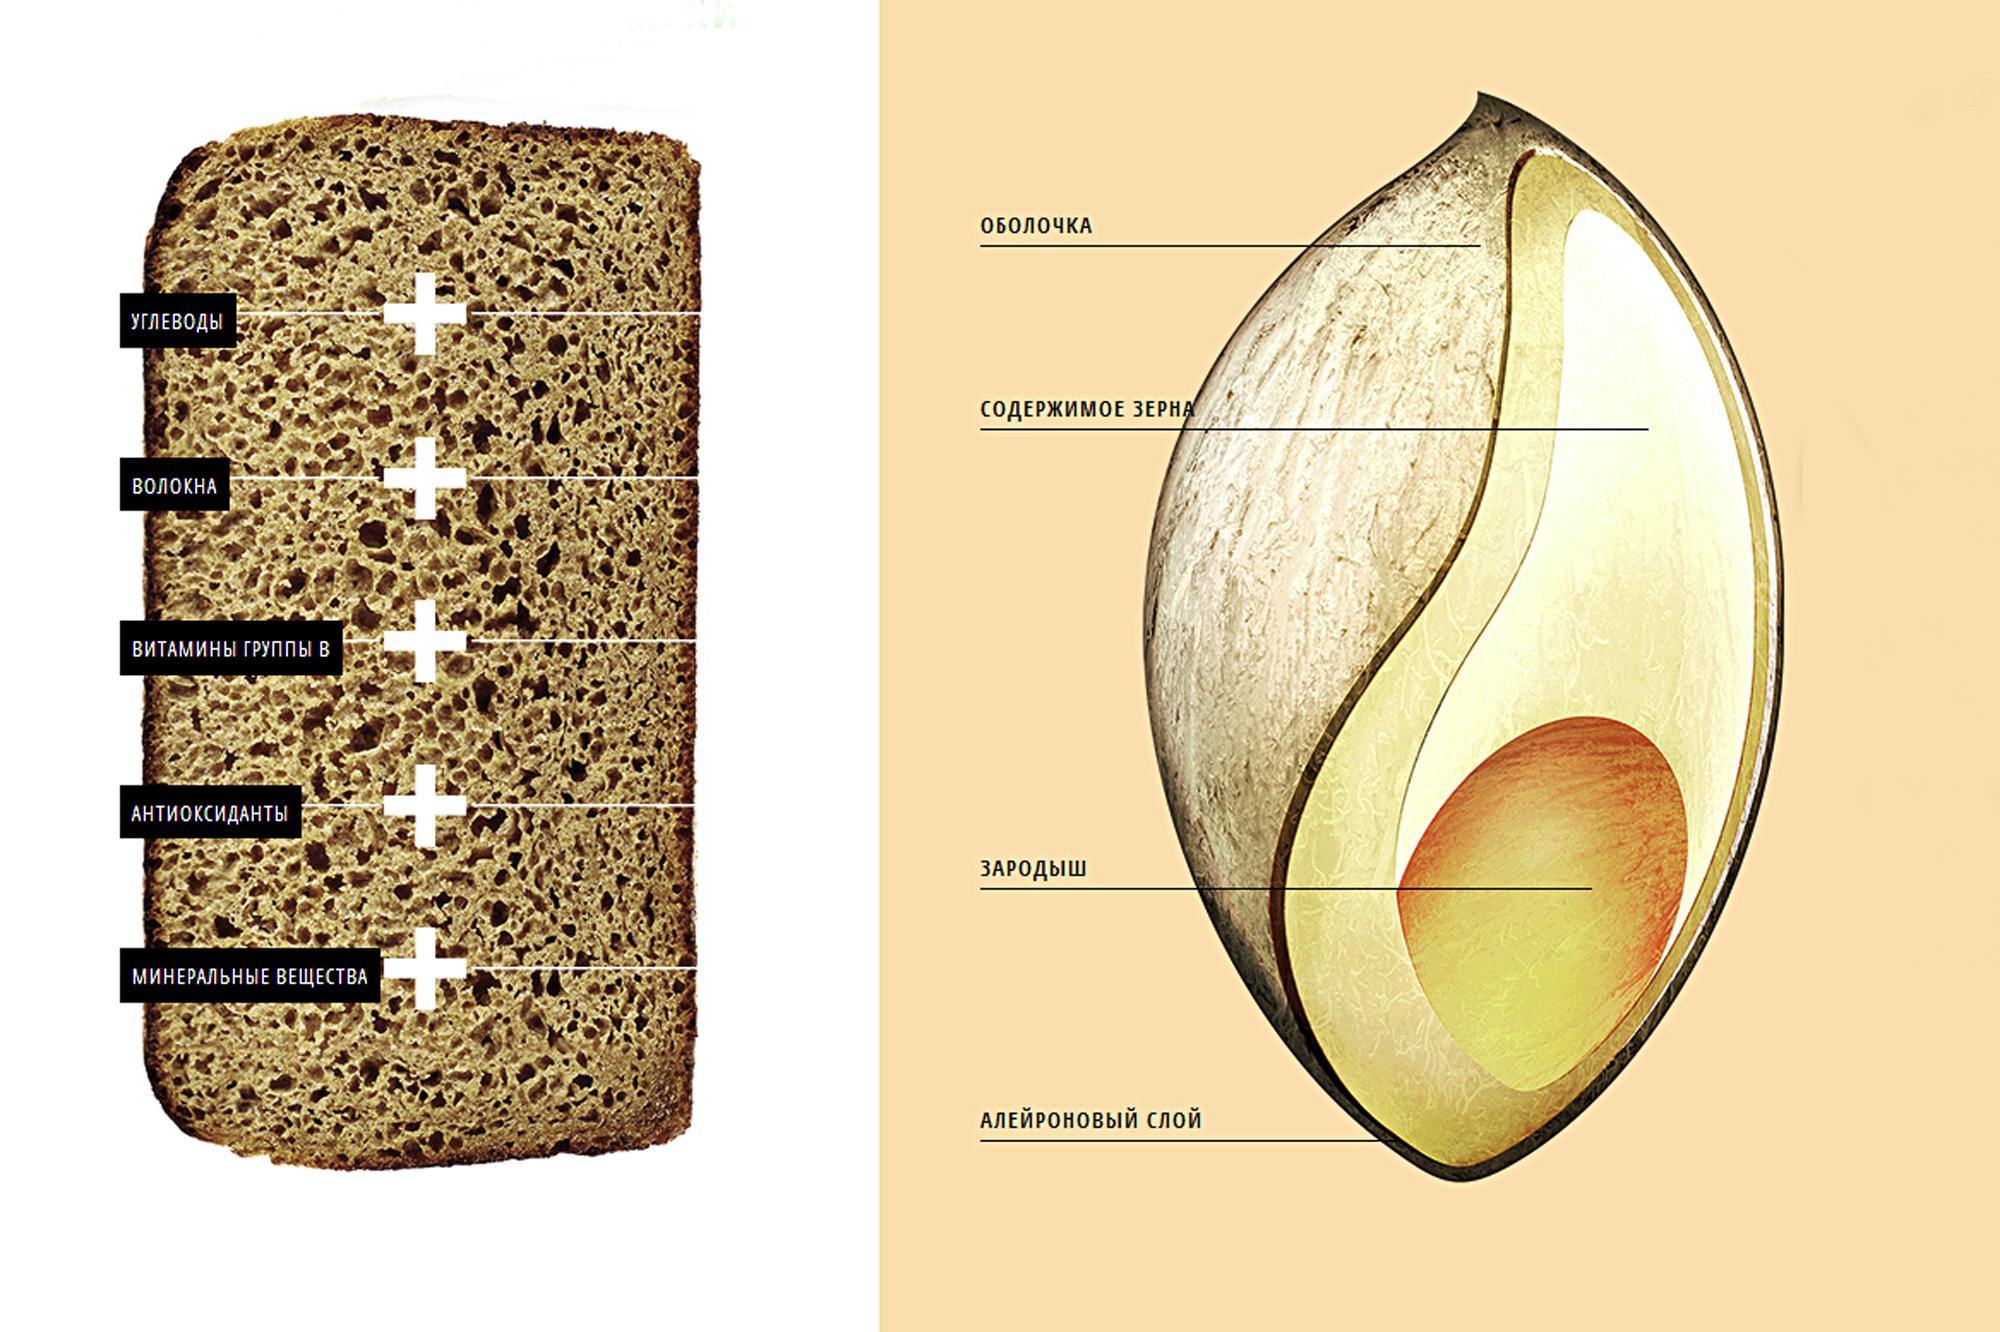 Цельнозерновой хлеб — и еда, и лекарство!